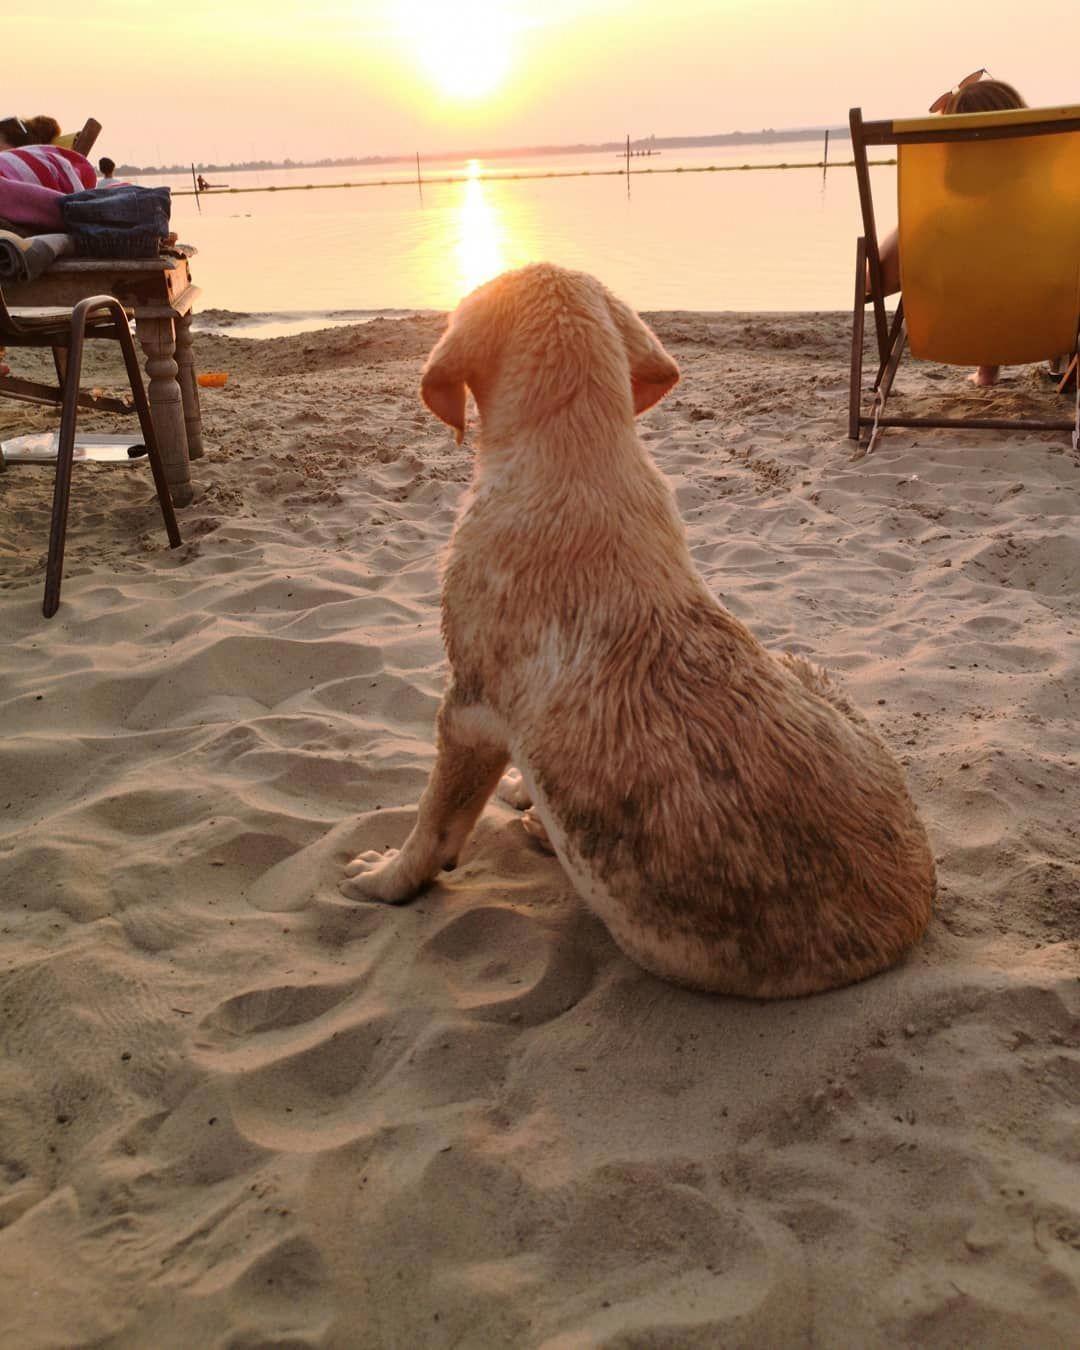 If you love Labradors visit our blog! #labrador #labradorretriever #labradorcentral #retriever #labradors #retrievers #afflink #repost #dogs